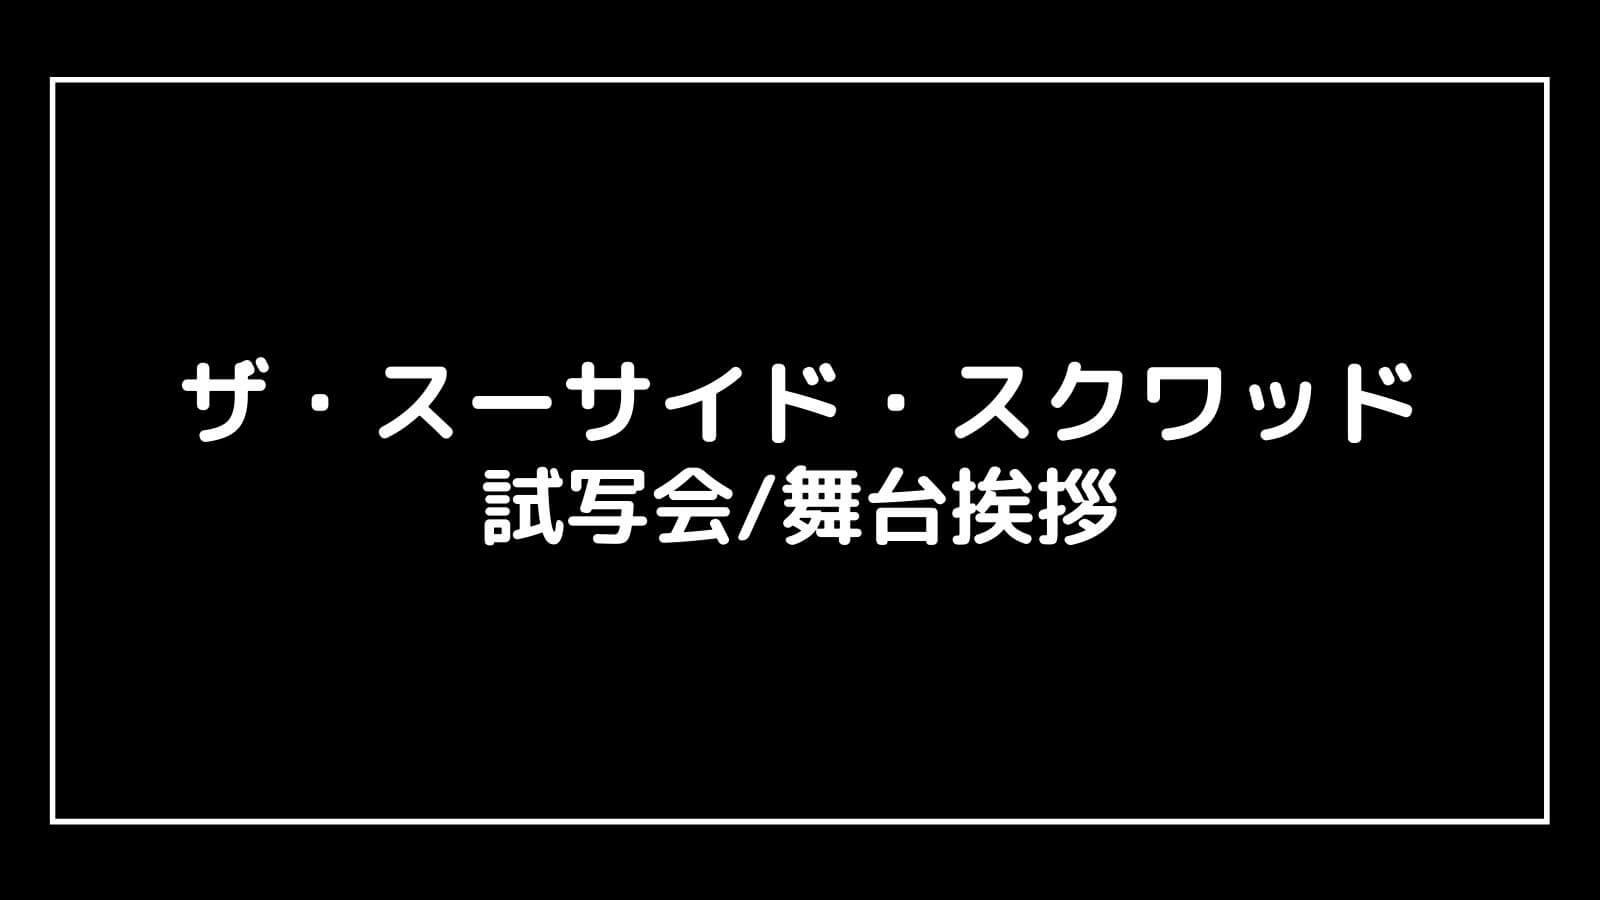 映画『ザ・スーサイド・スクワッド(2021)』の試写会と舞台挨拶情報